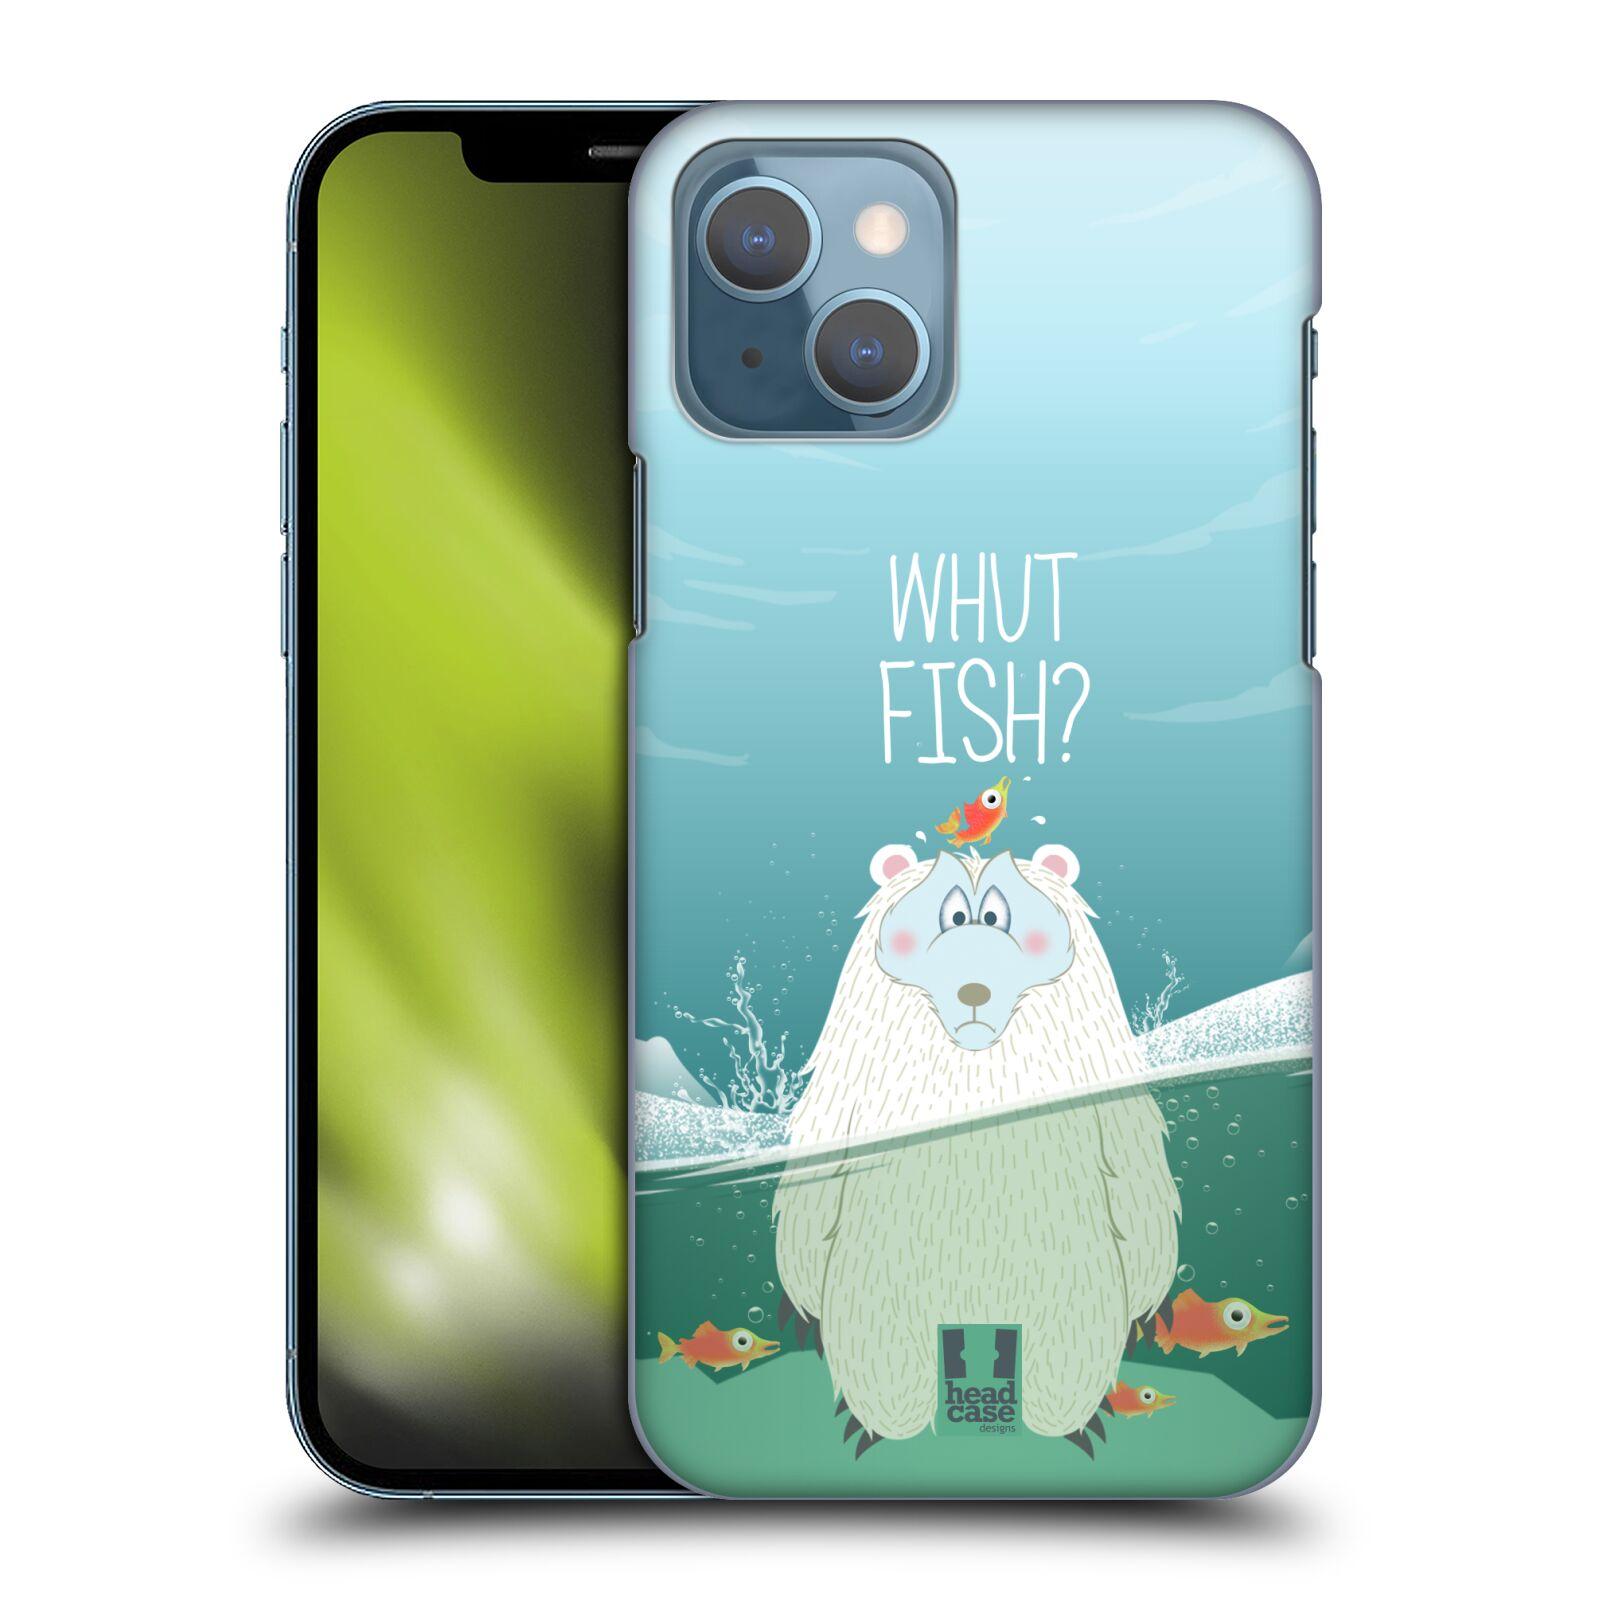 Plastové pouzdro na mobil Apple iPhone 13 - Head Case - Medvěd Whut Fish?